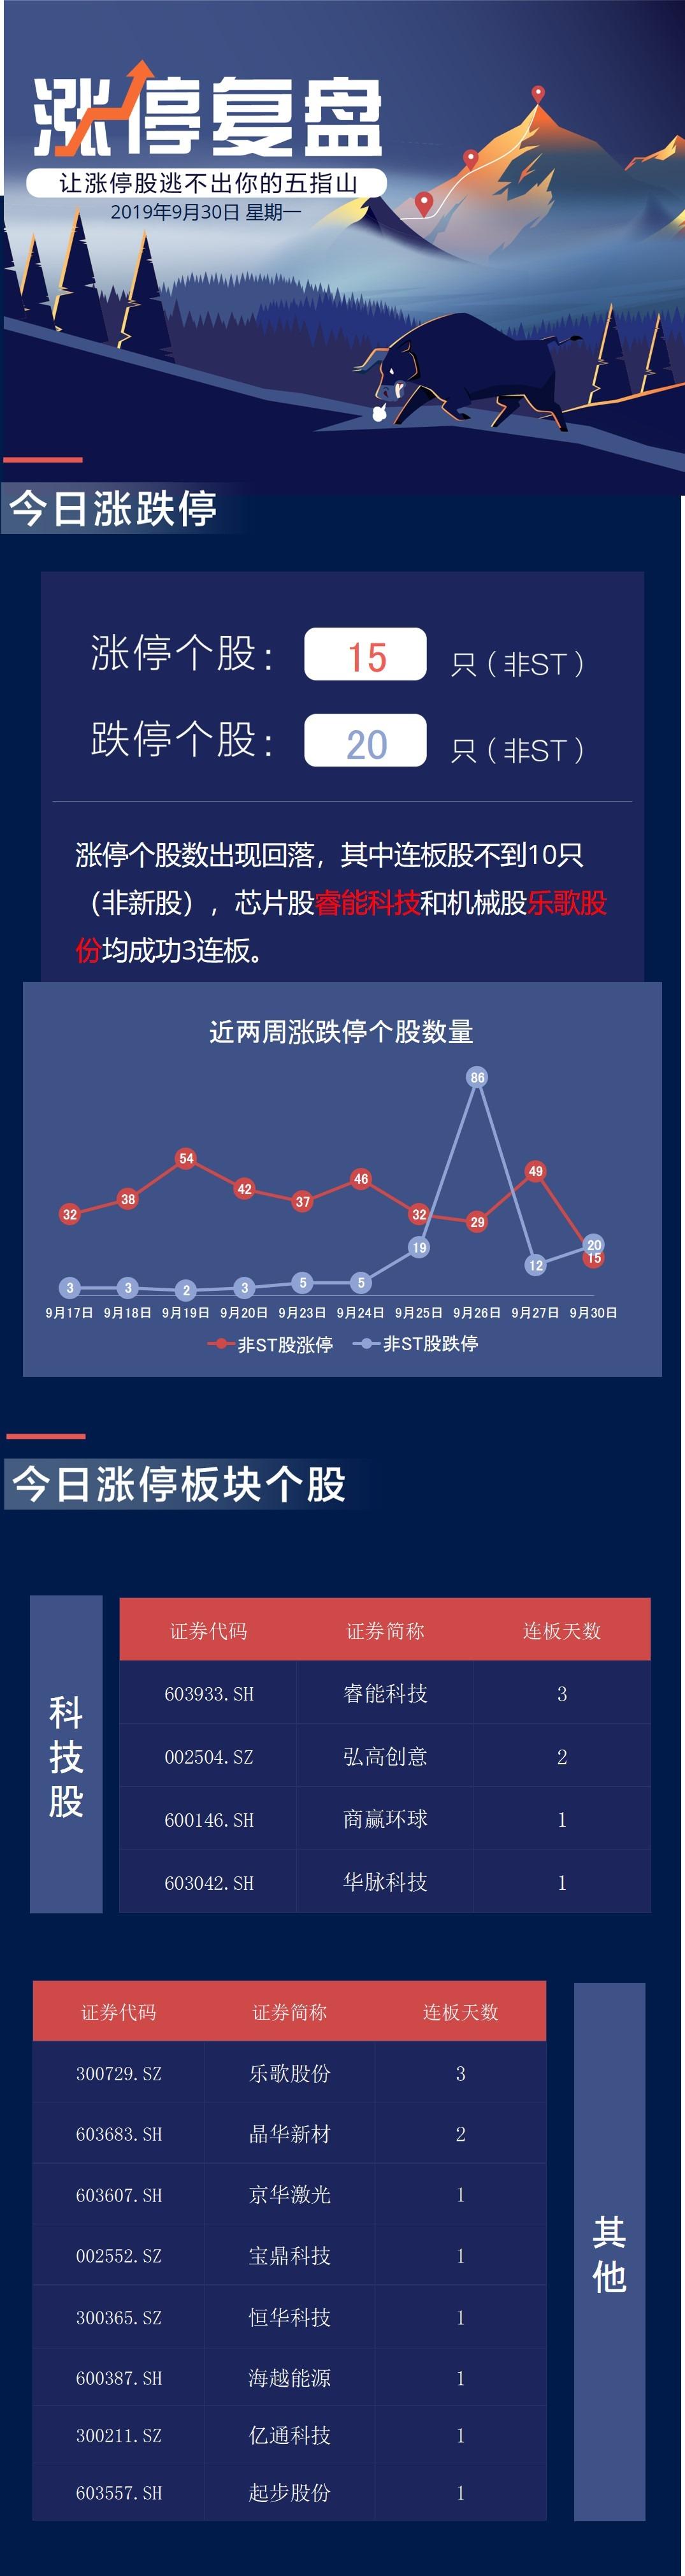 景顺长城基金:拥抱市场改革 发挥机构投资者所长